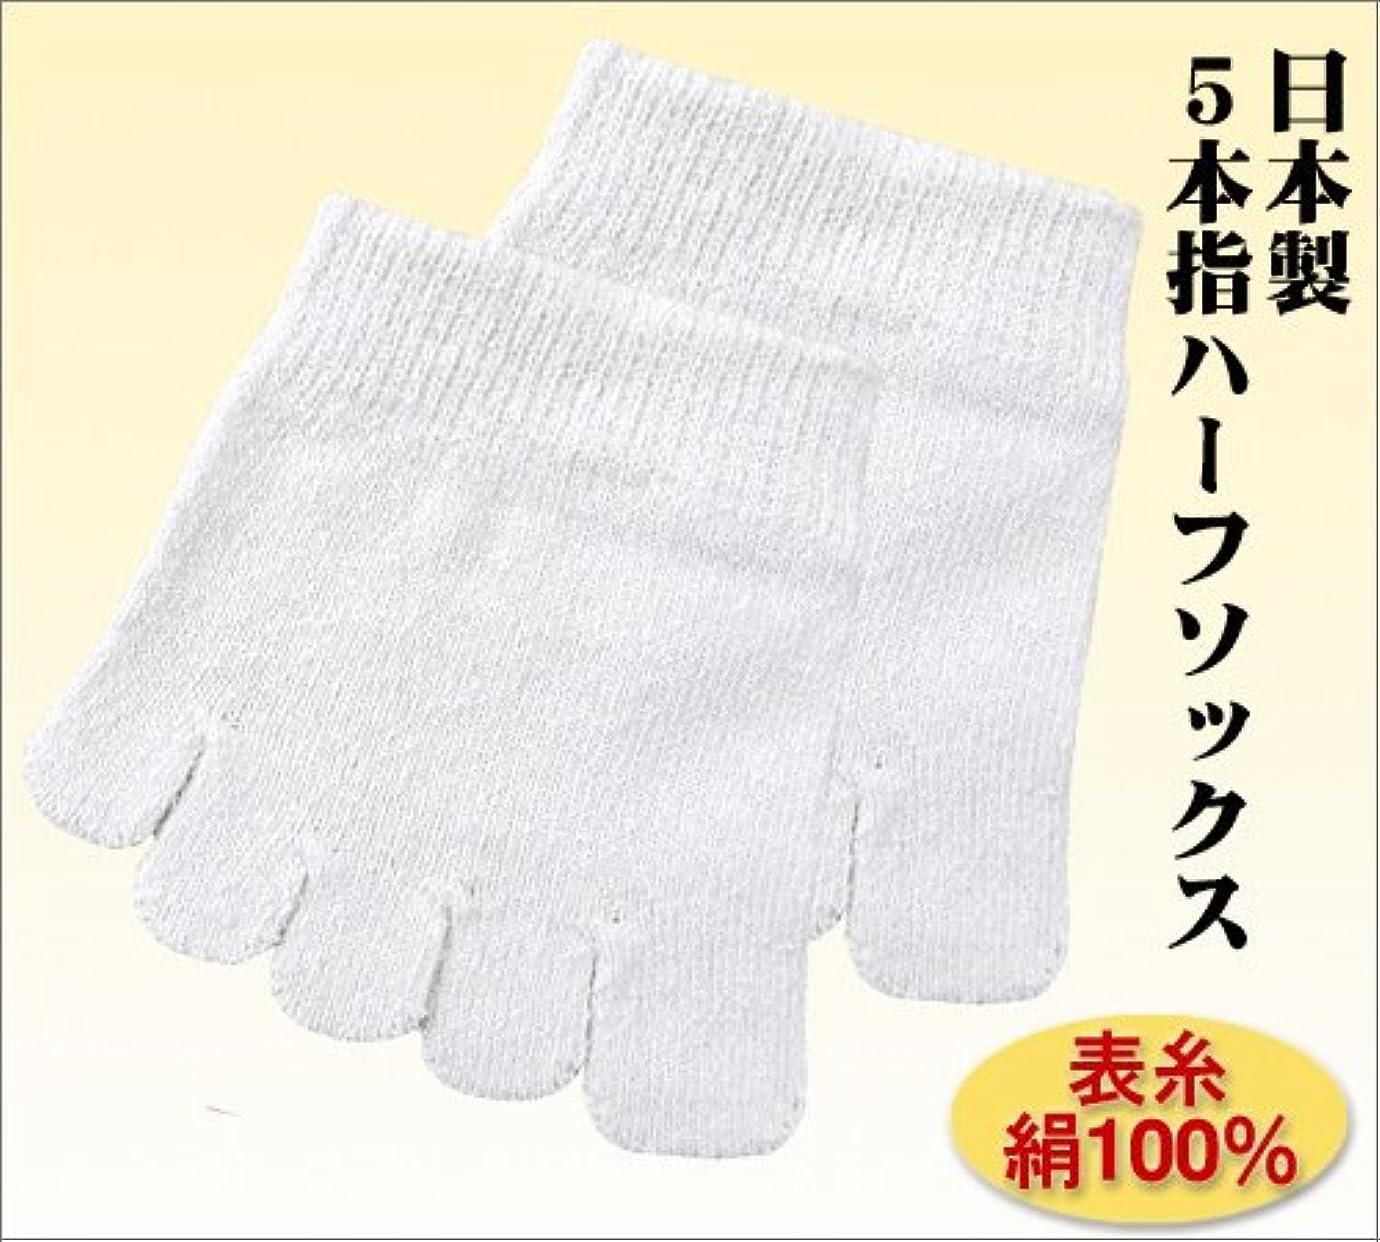 違反する構成するバスト日本製 天然シルク5本指ハーフソックス 表糸絹100% 快適な指先ソックス (紳士用 黒色2足組)